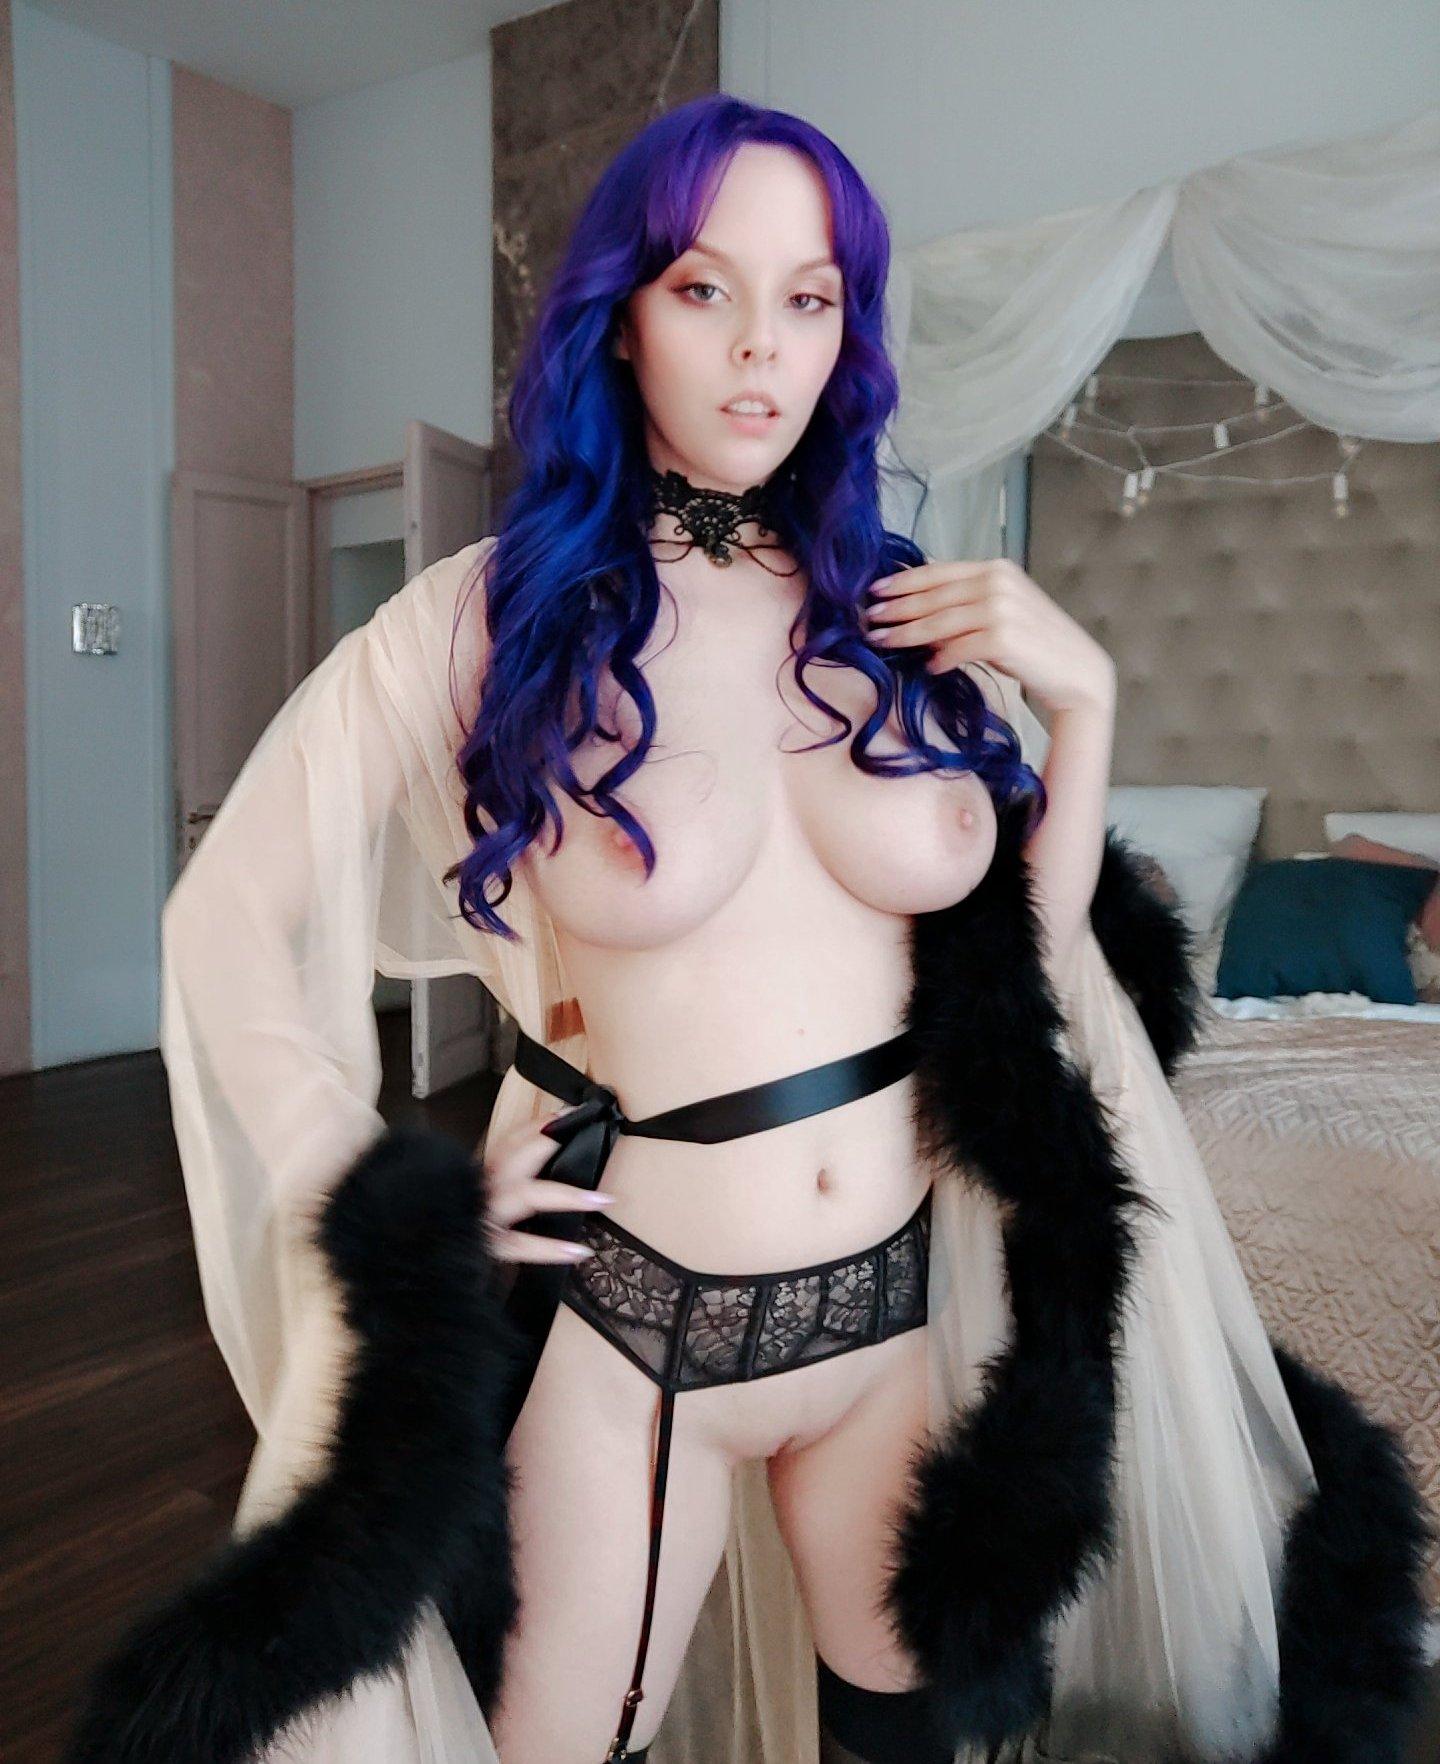 Helly Von Valentine Patreon Nude Leaks 0020